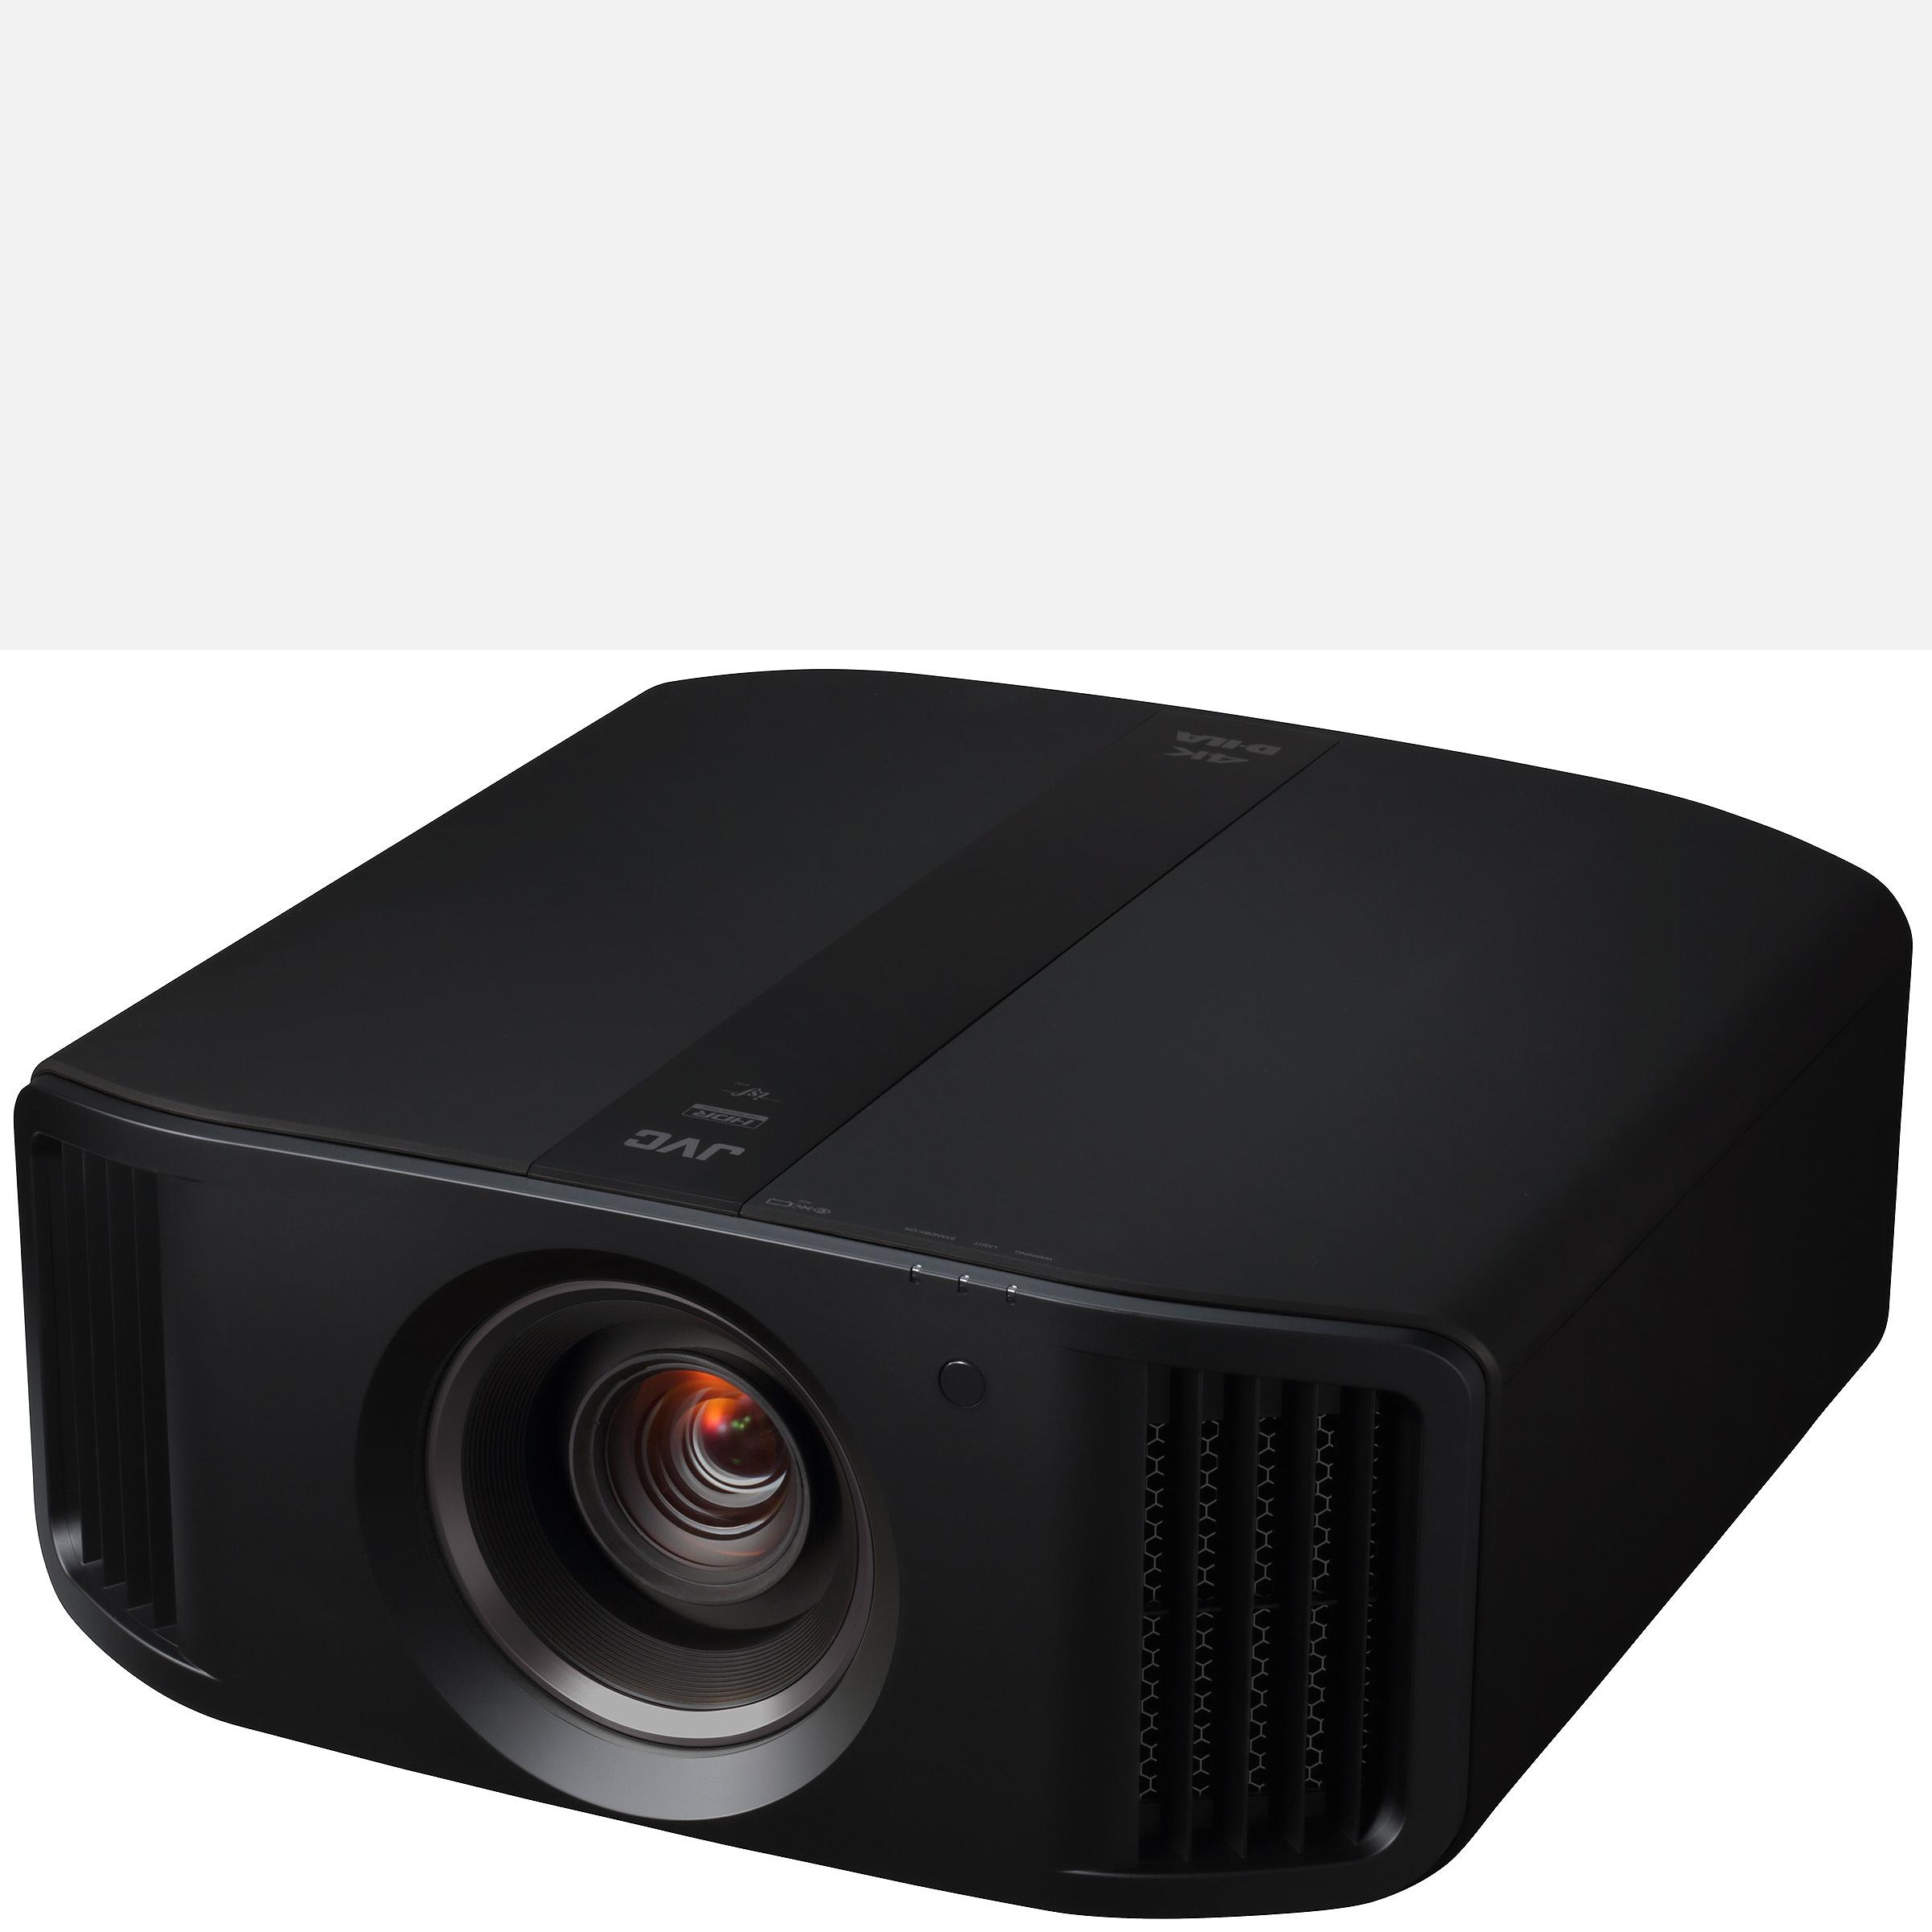 JVC DLA N7 4K UHD Projector